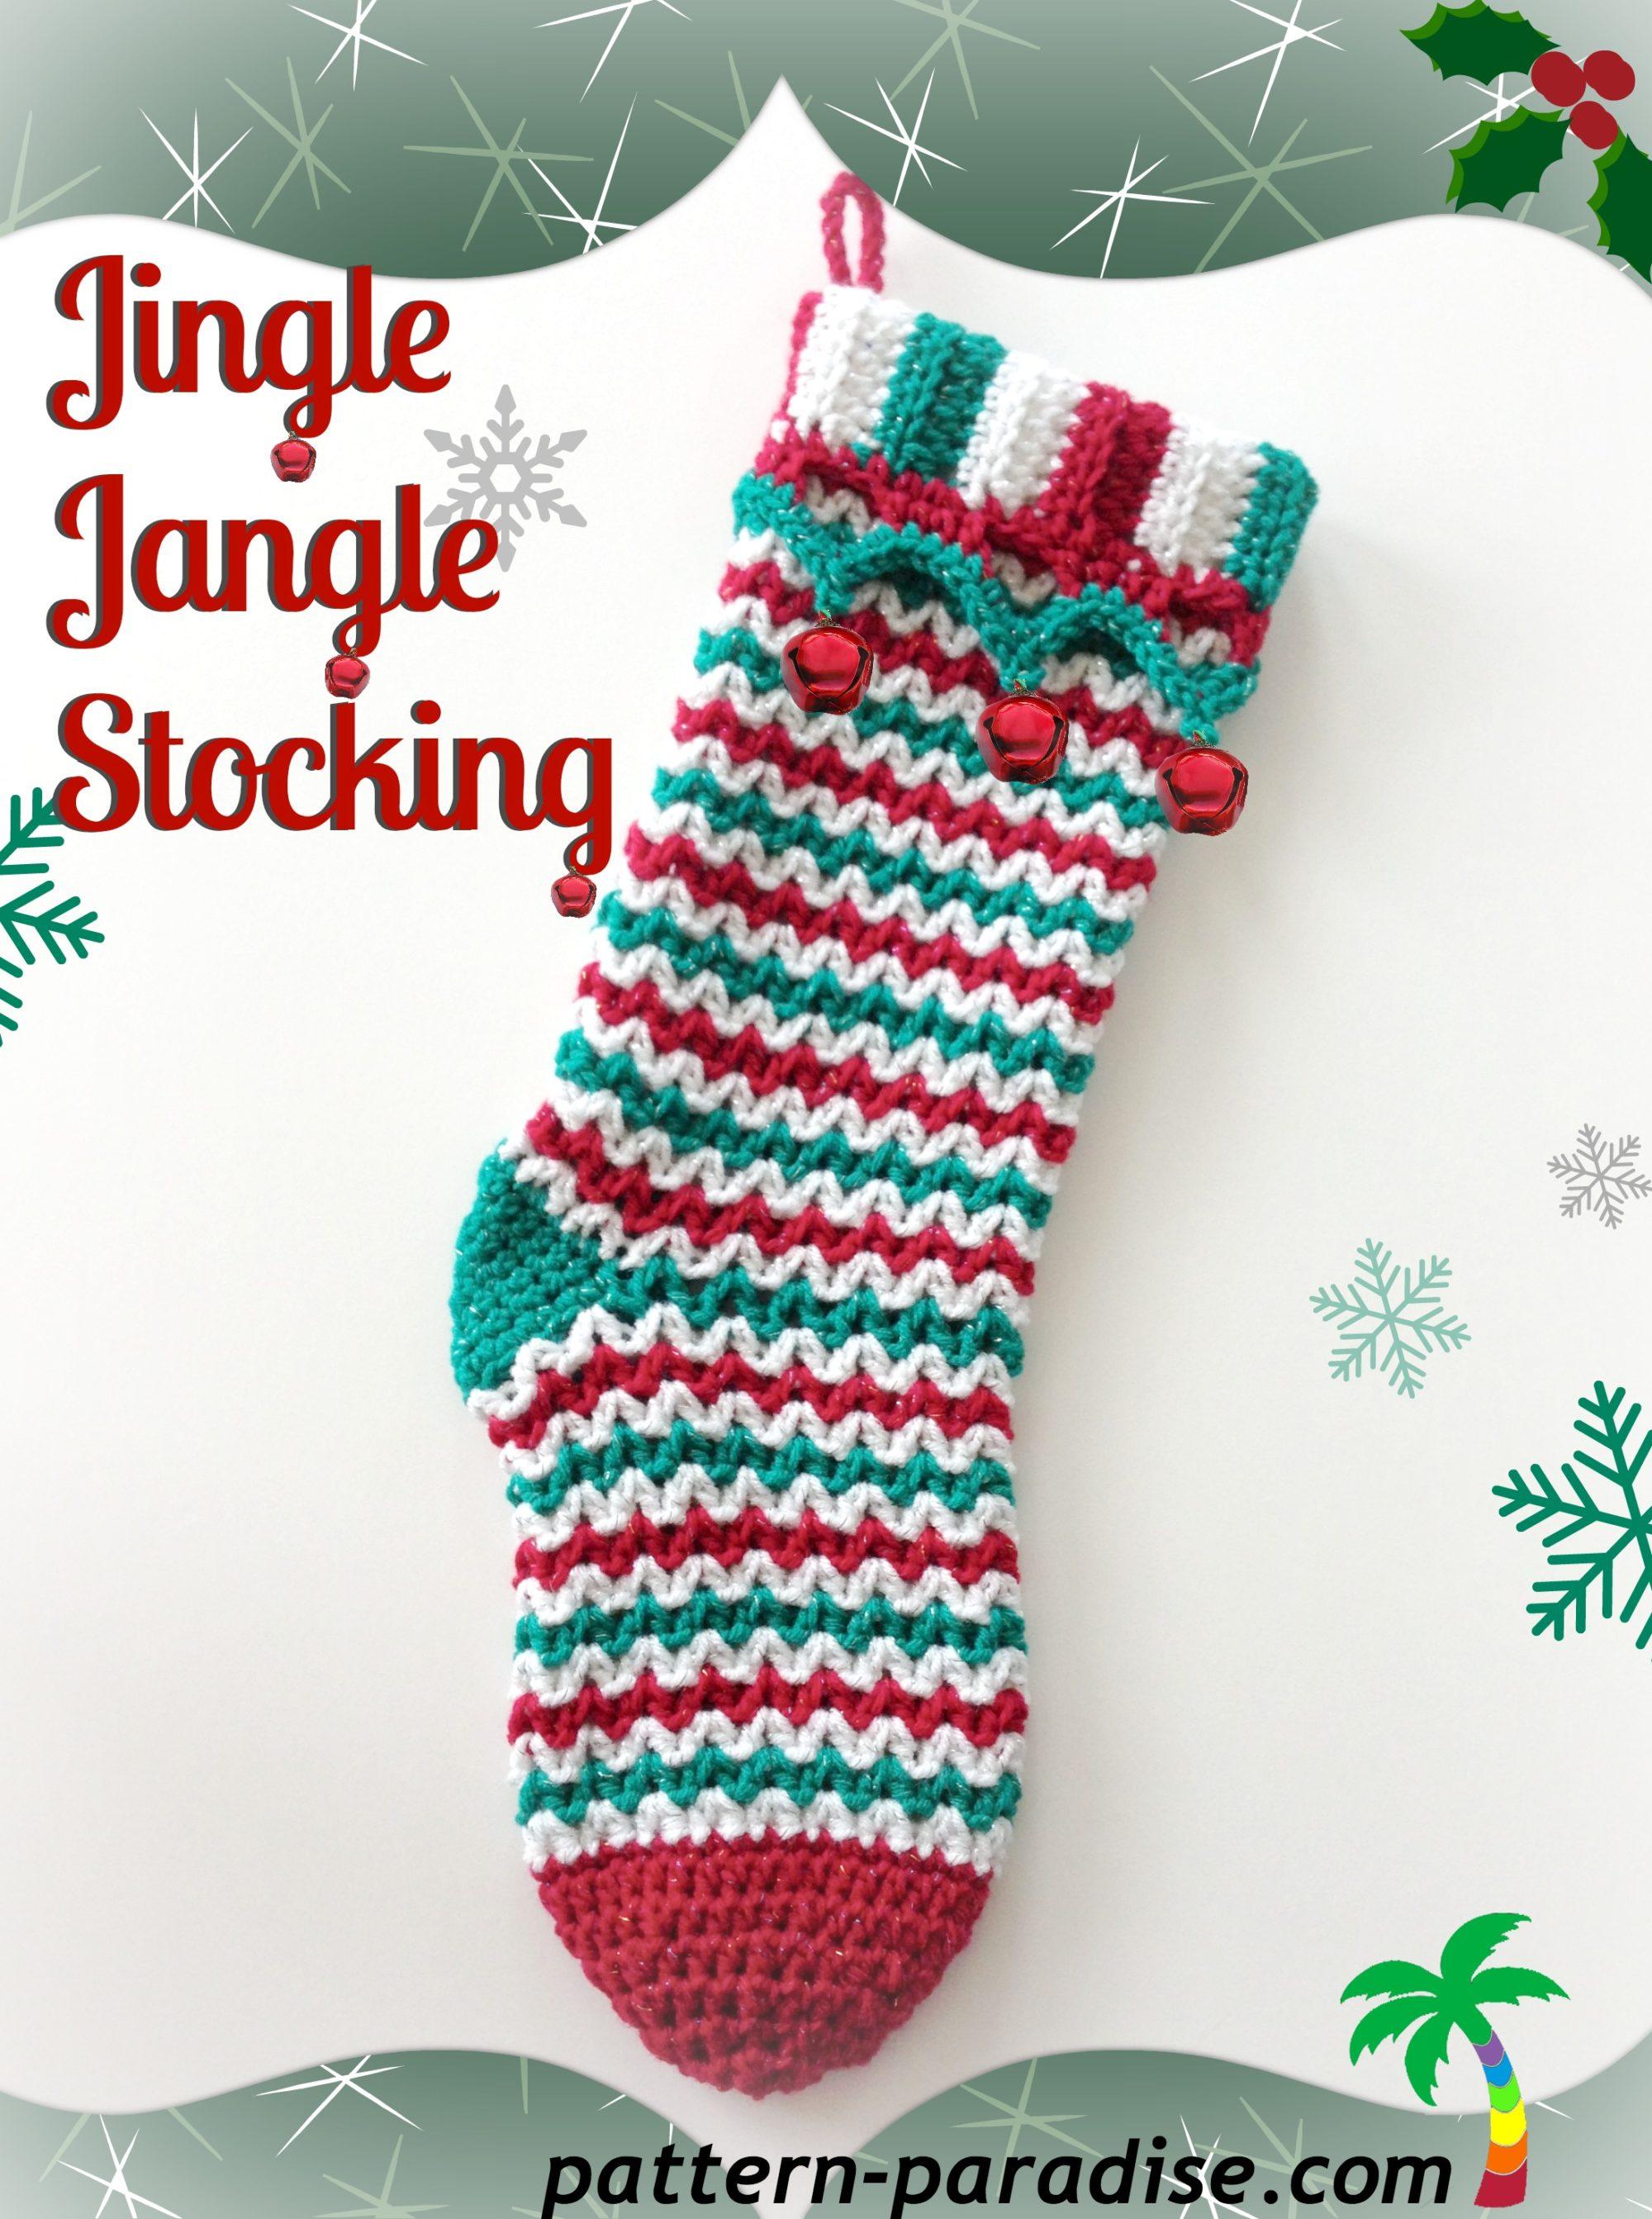 New Crochet Pattern Jingle Jangle Stocking Pattern